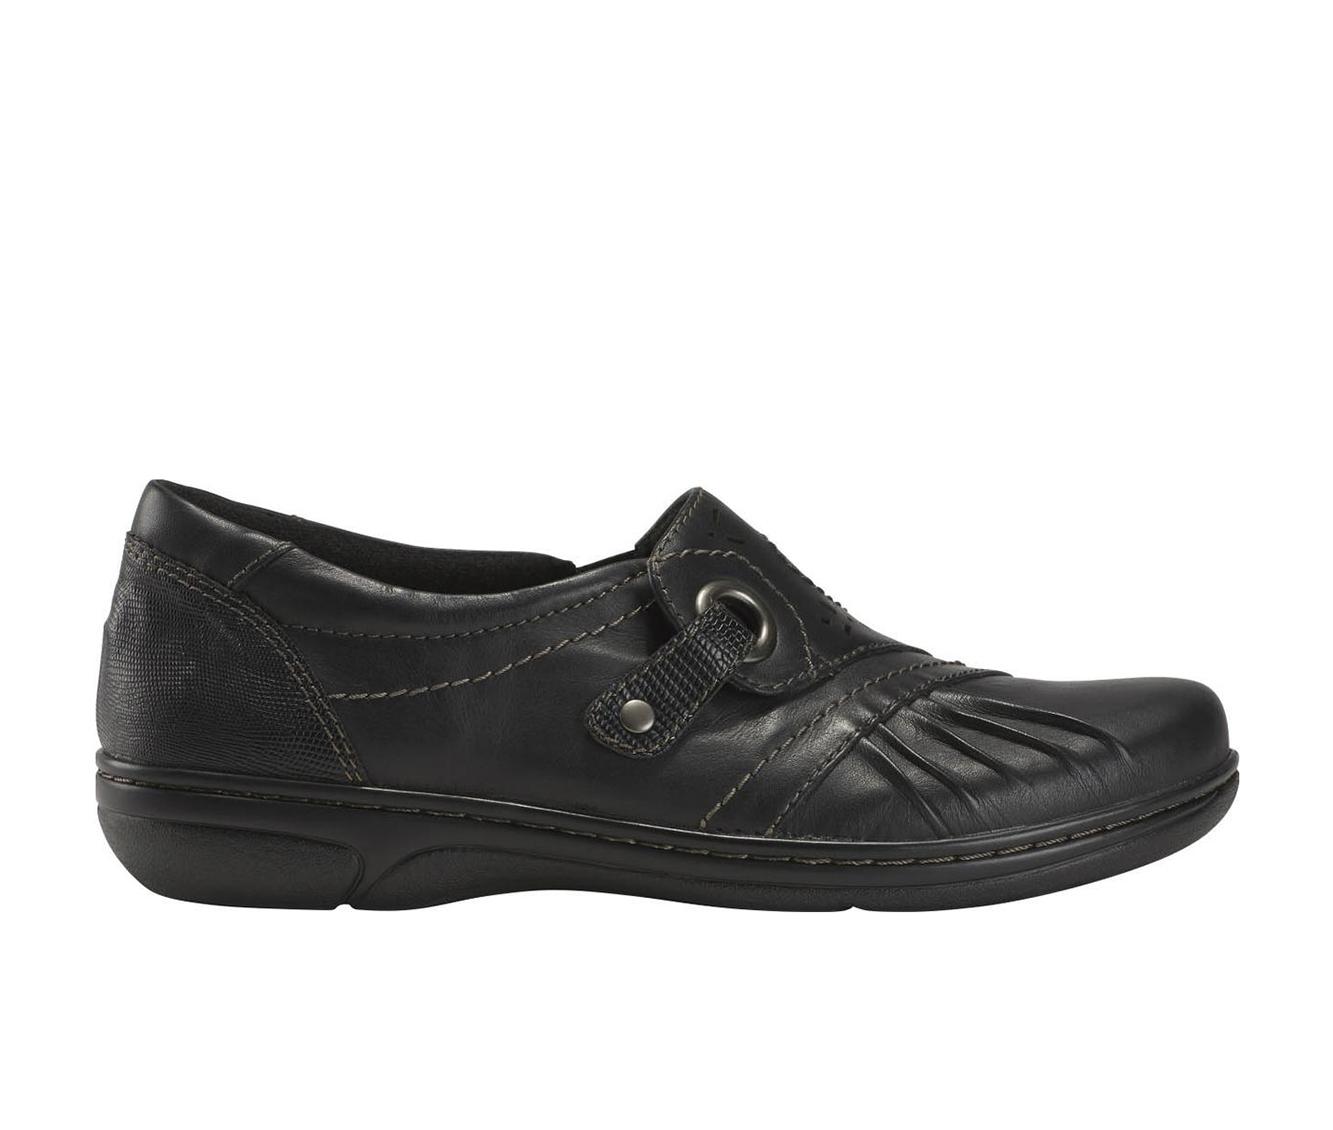 Earth Origins Glendale Gabrielle Women's Shoe (Black Leather)